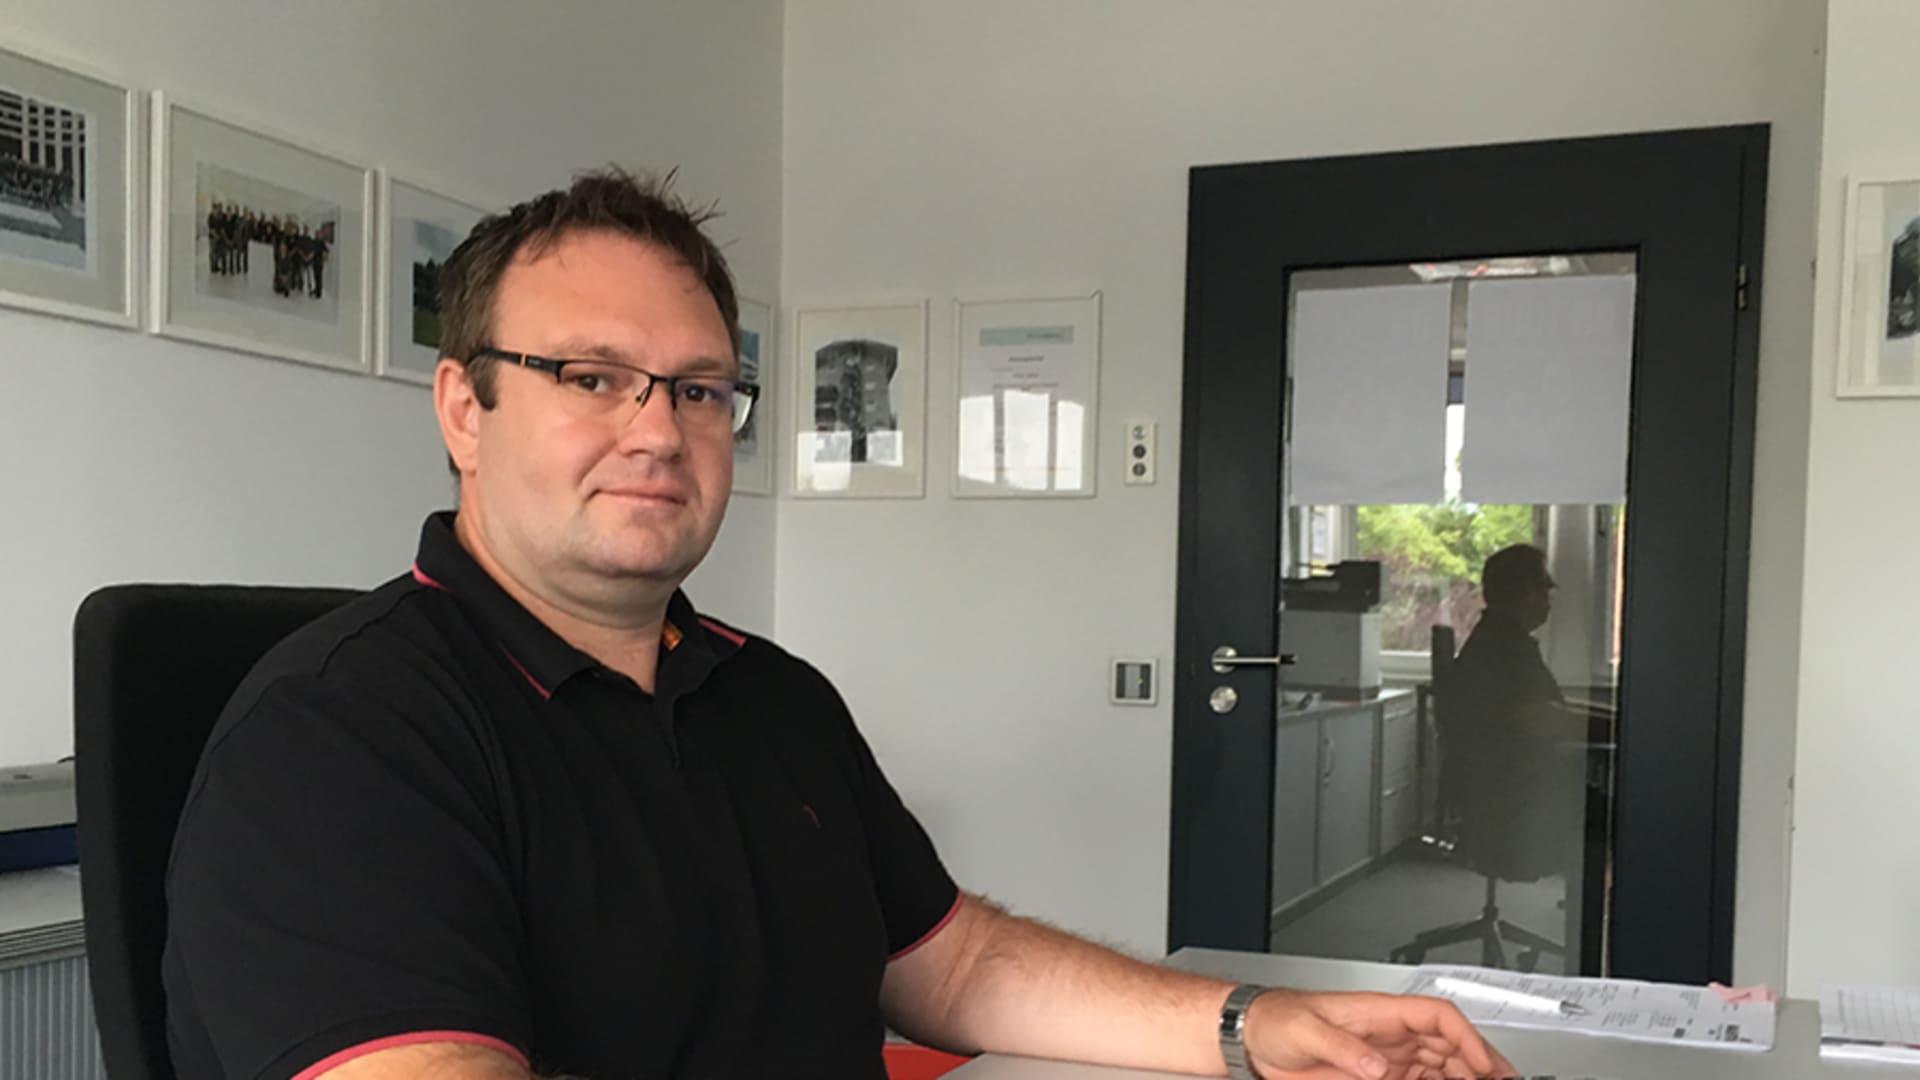 Waldemar arbeitet im Qualitätsmanagement bei Alexander Bürkle